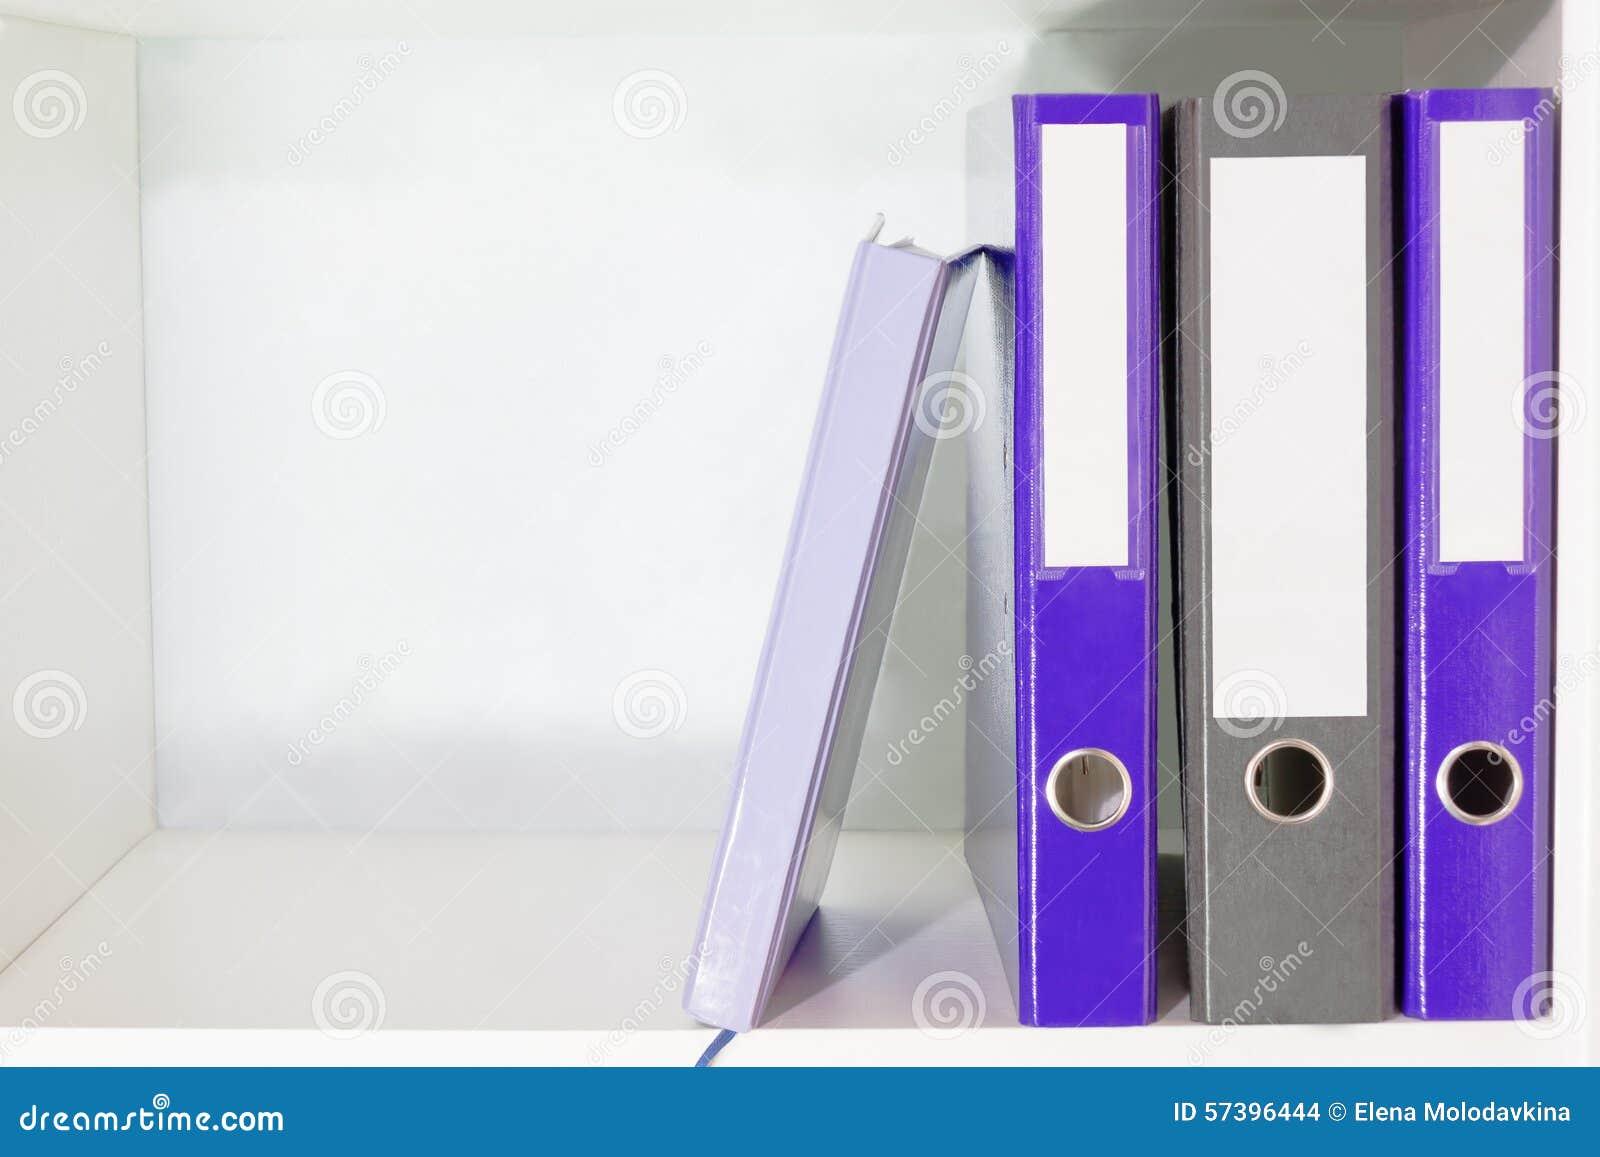 Omslagen voor documenten en ontwerper op een boekenplank